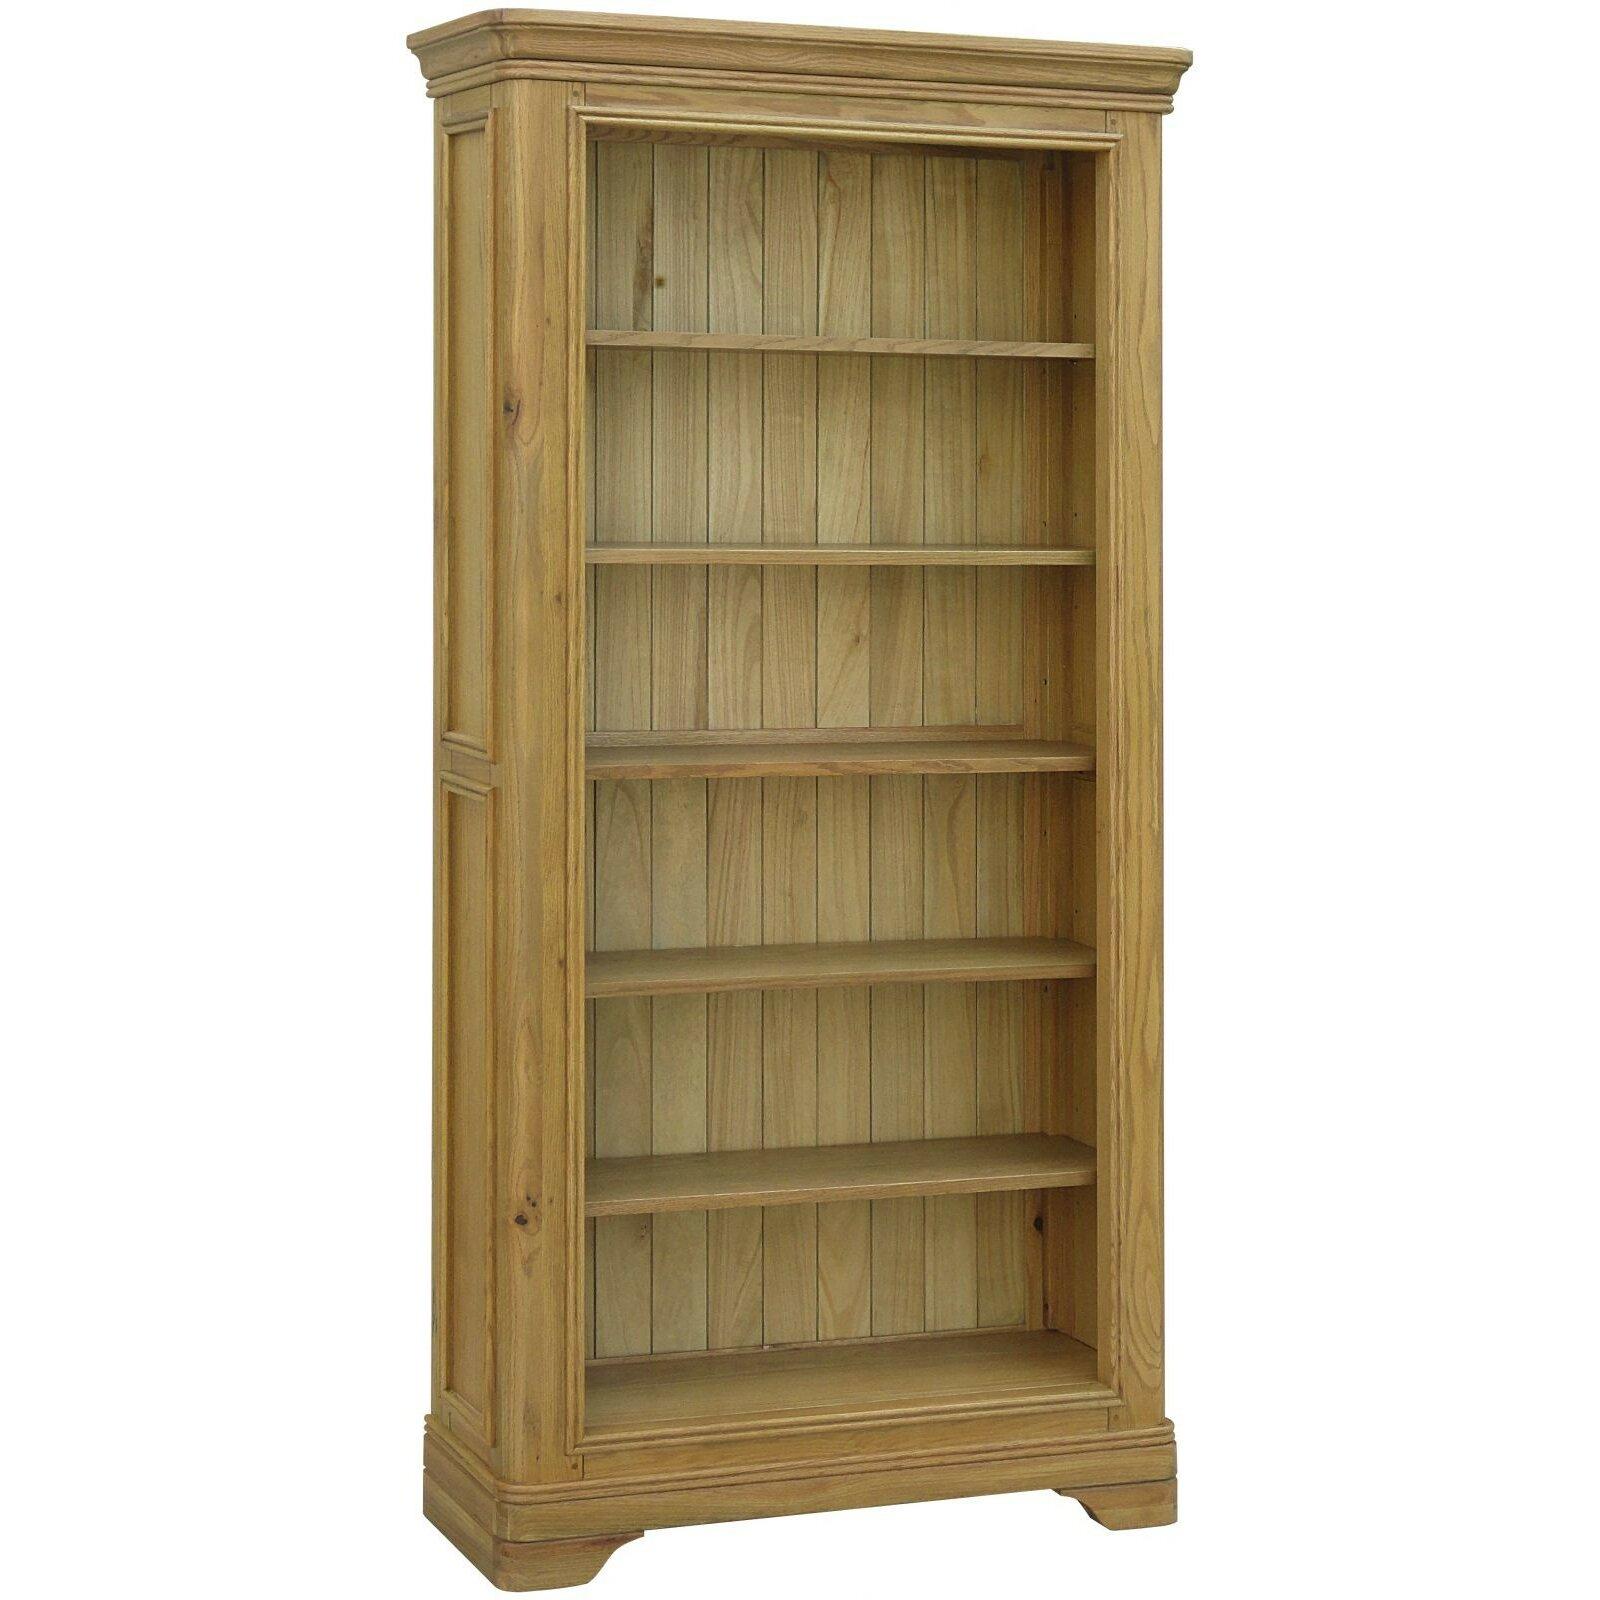 Hazelwood Home Bookcase | Wayfair UK